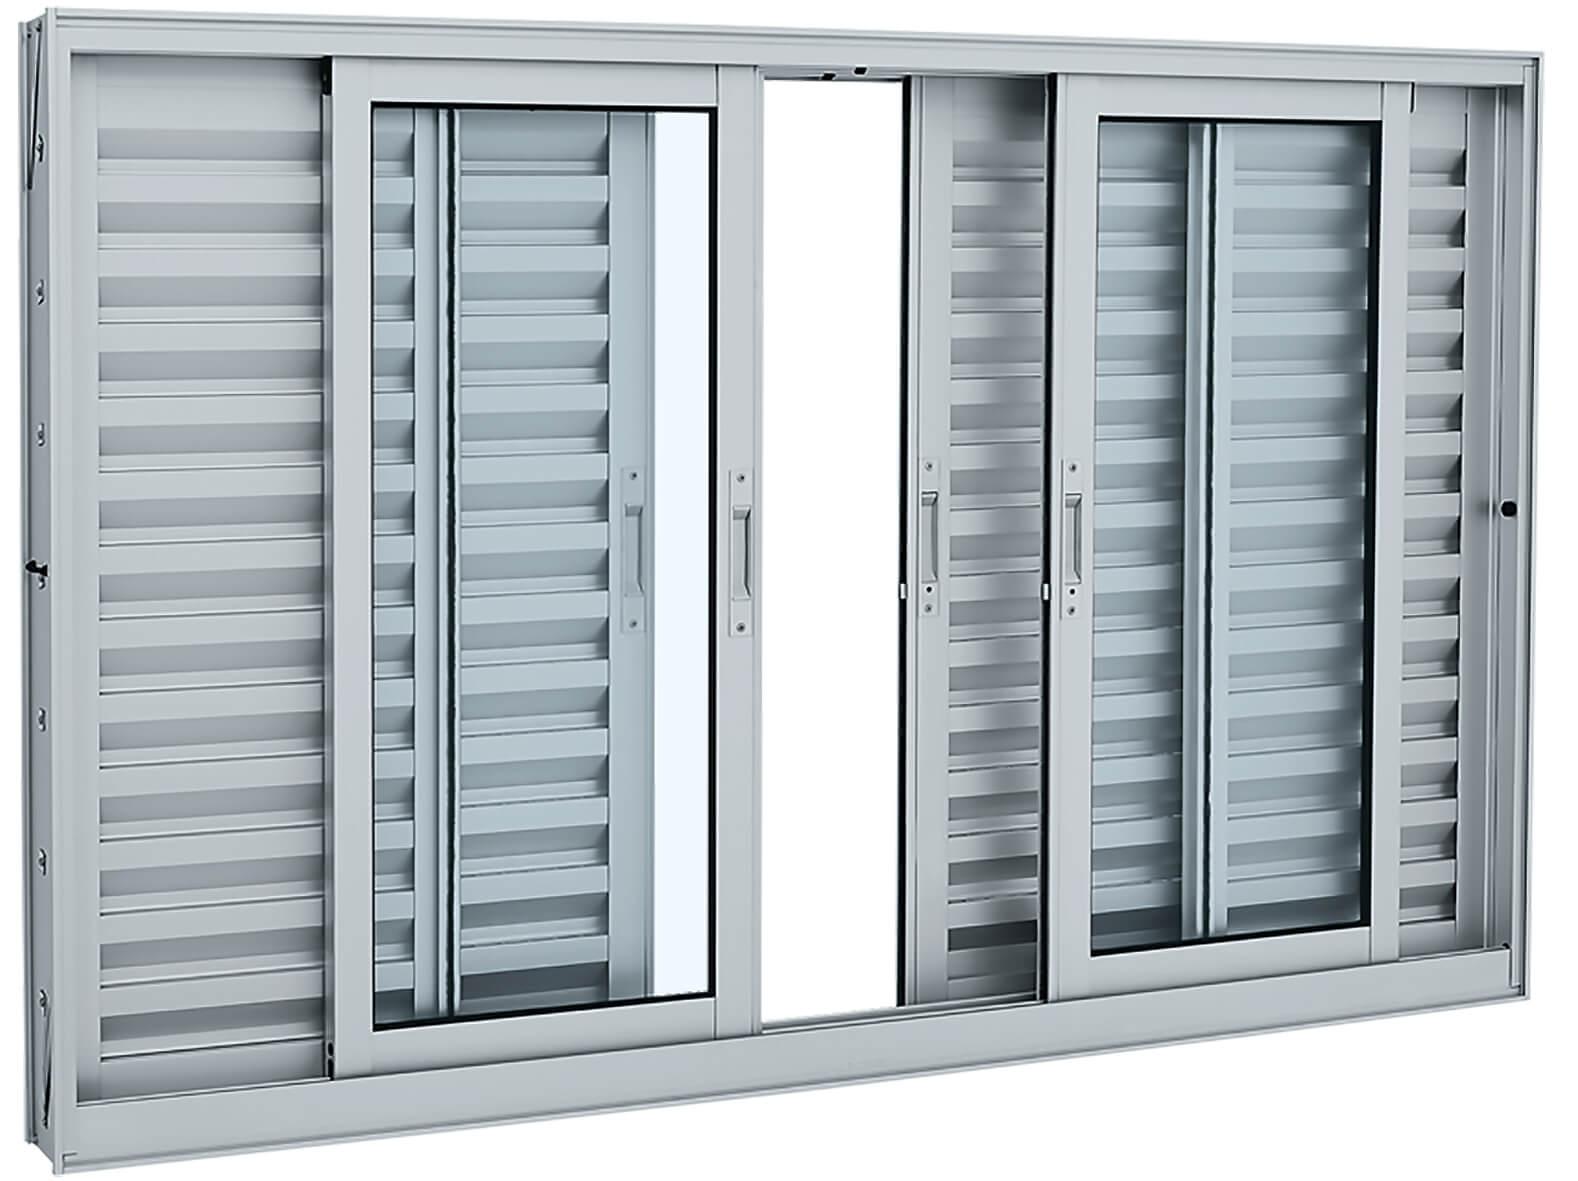 Aluminium Veneziana - 1.00x2.00x0.12 Ref. 70.21.607-8 Sasazaki